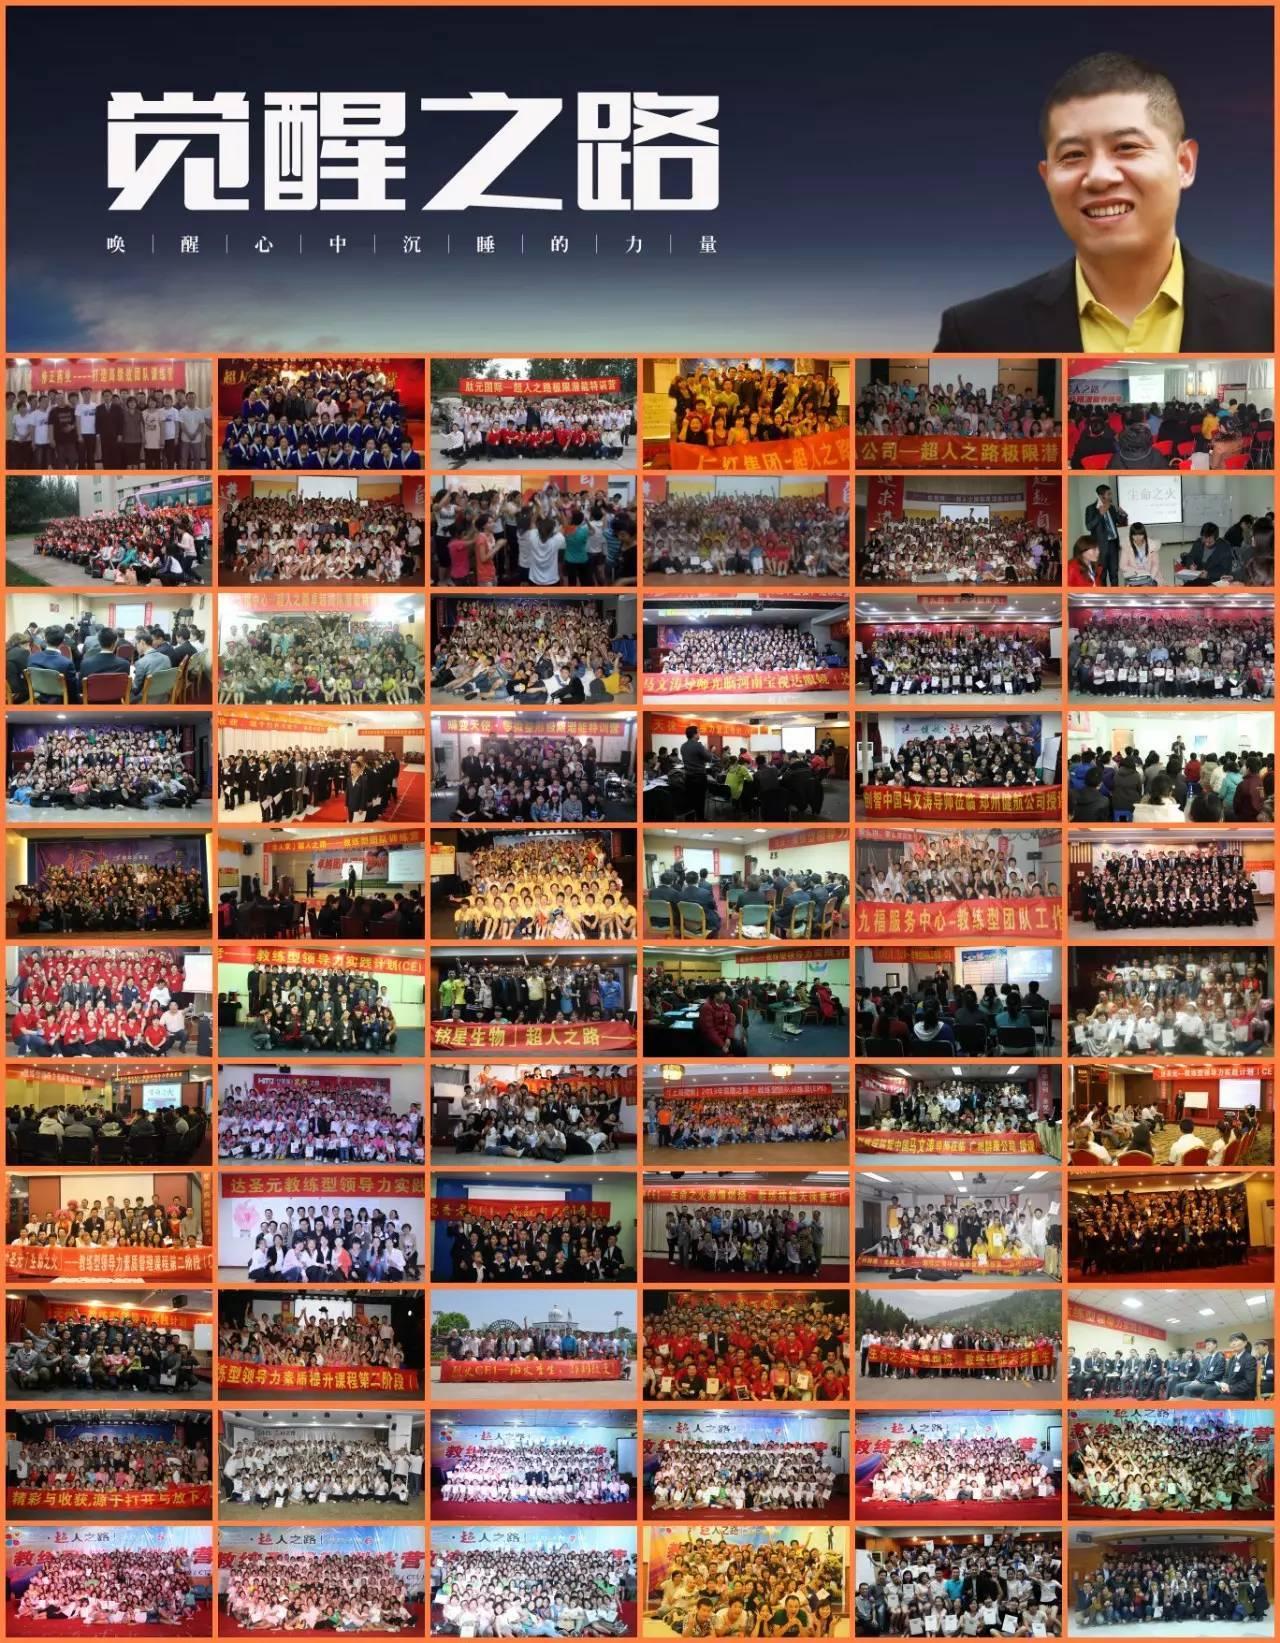 觉醒之路 深圳艾艾贴第25期微商领袖训练营震憾闭幕